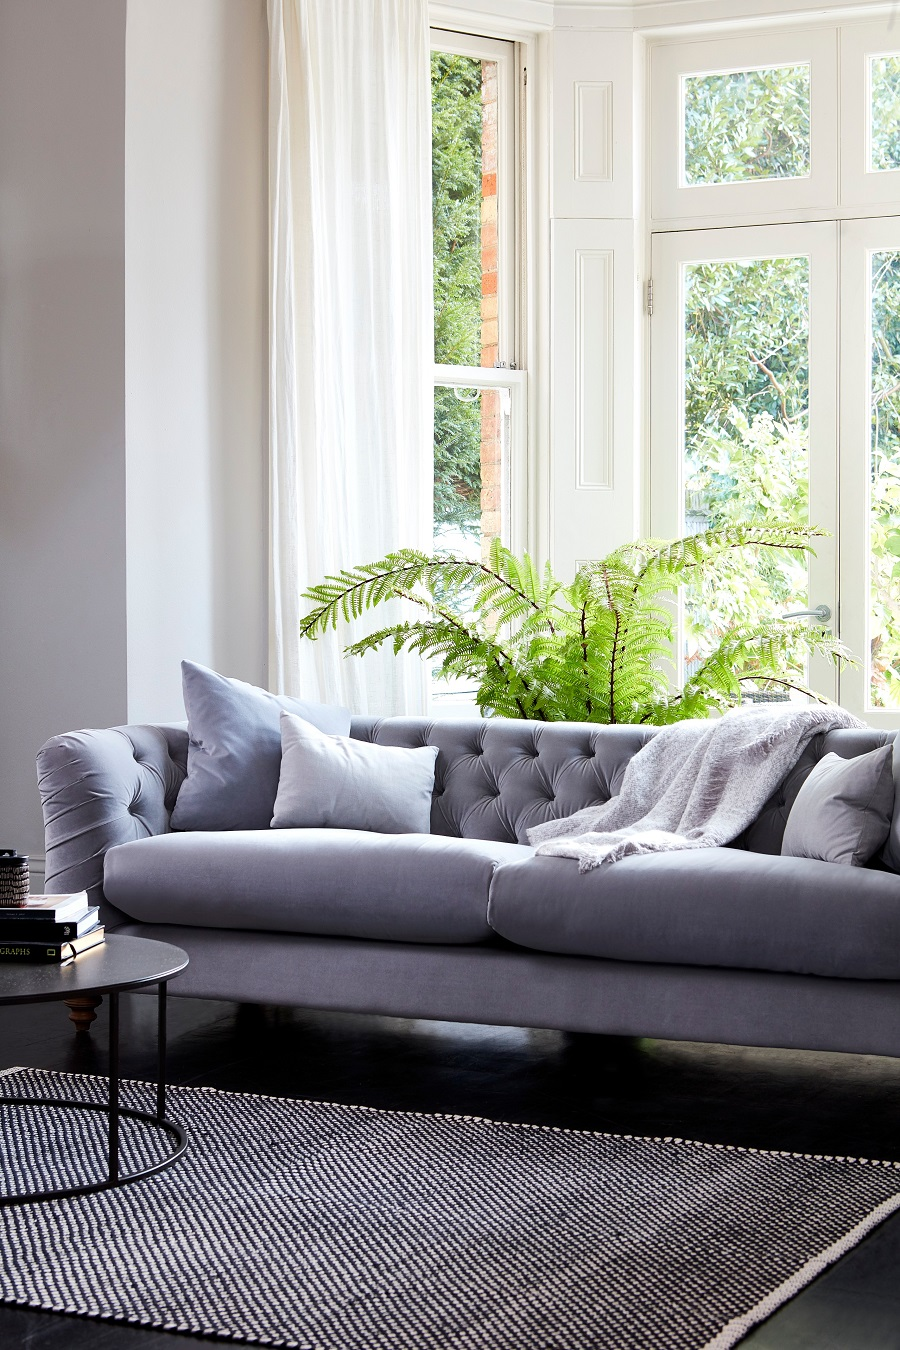 Stunning Sofa Design in elegant grey